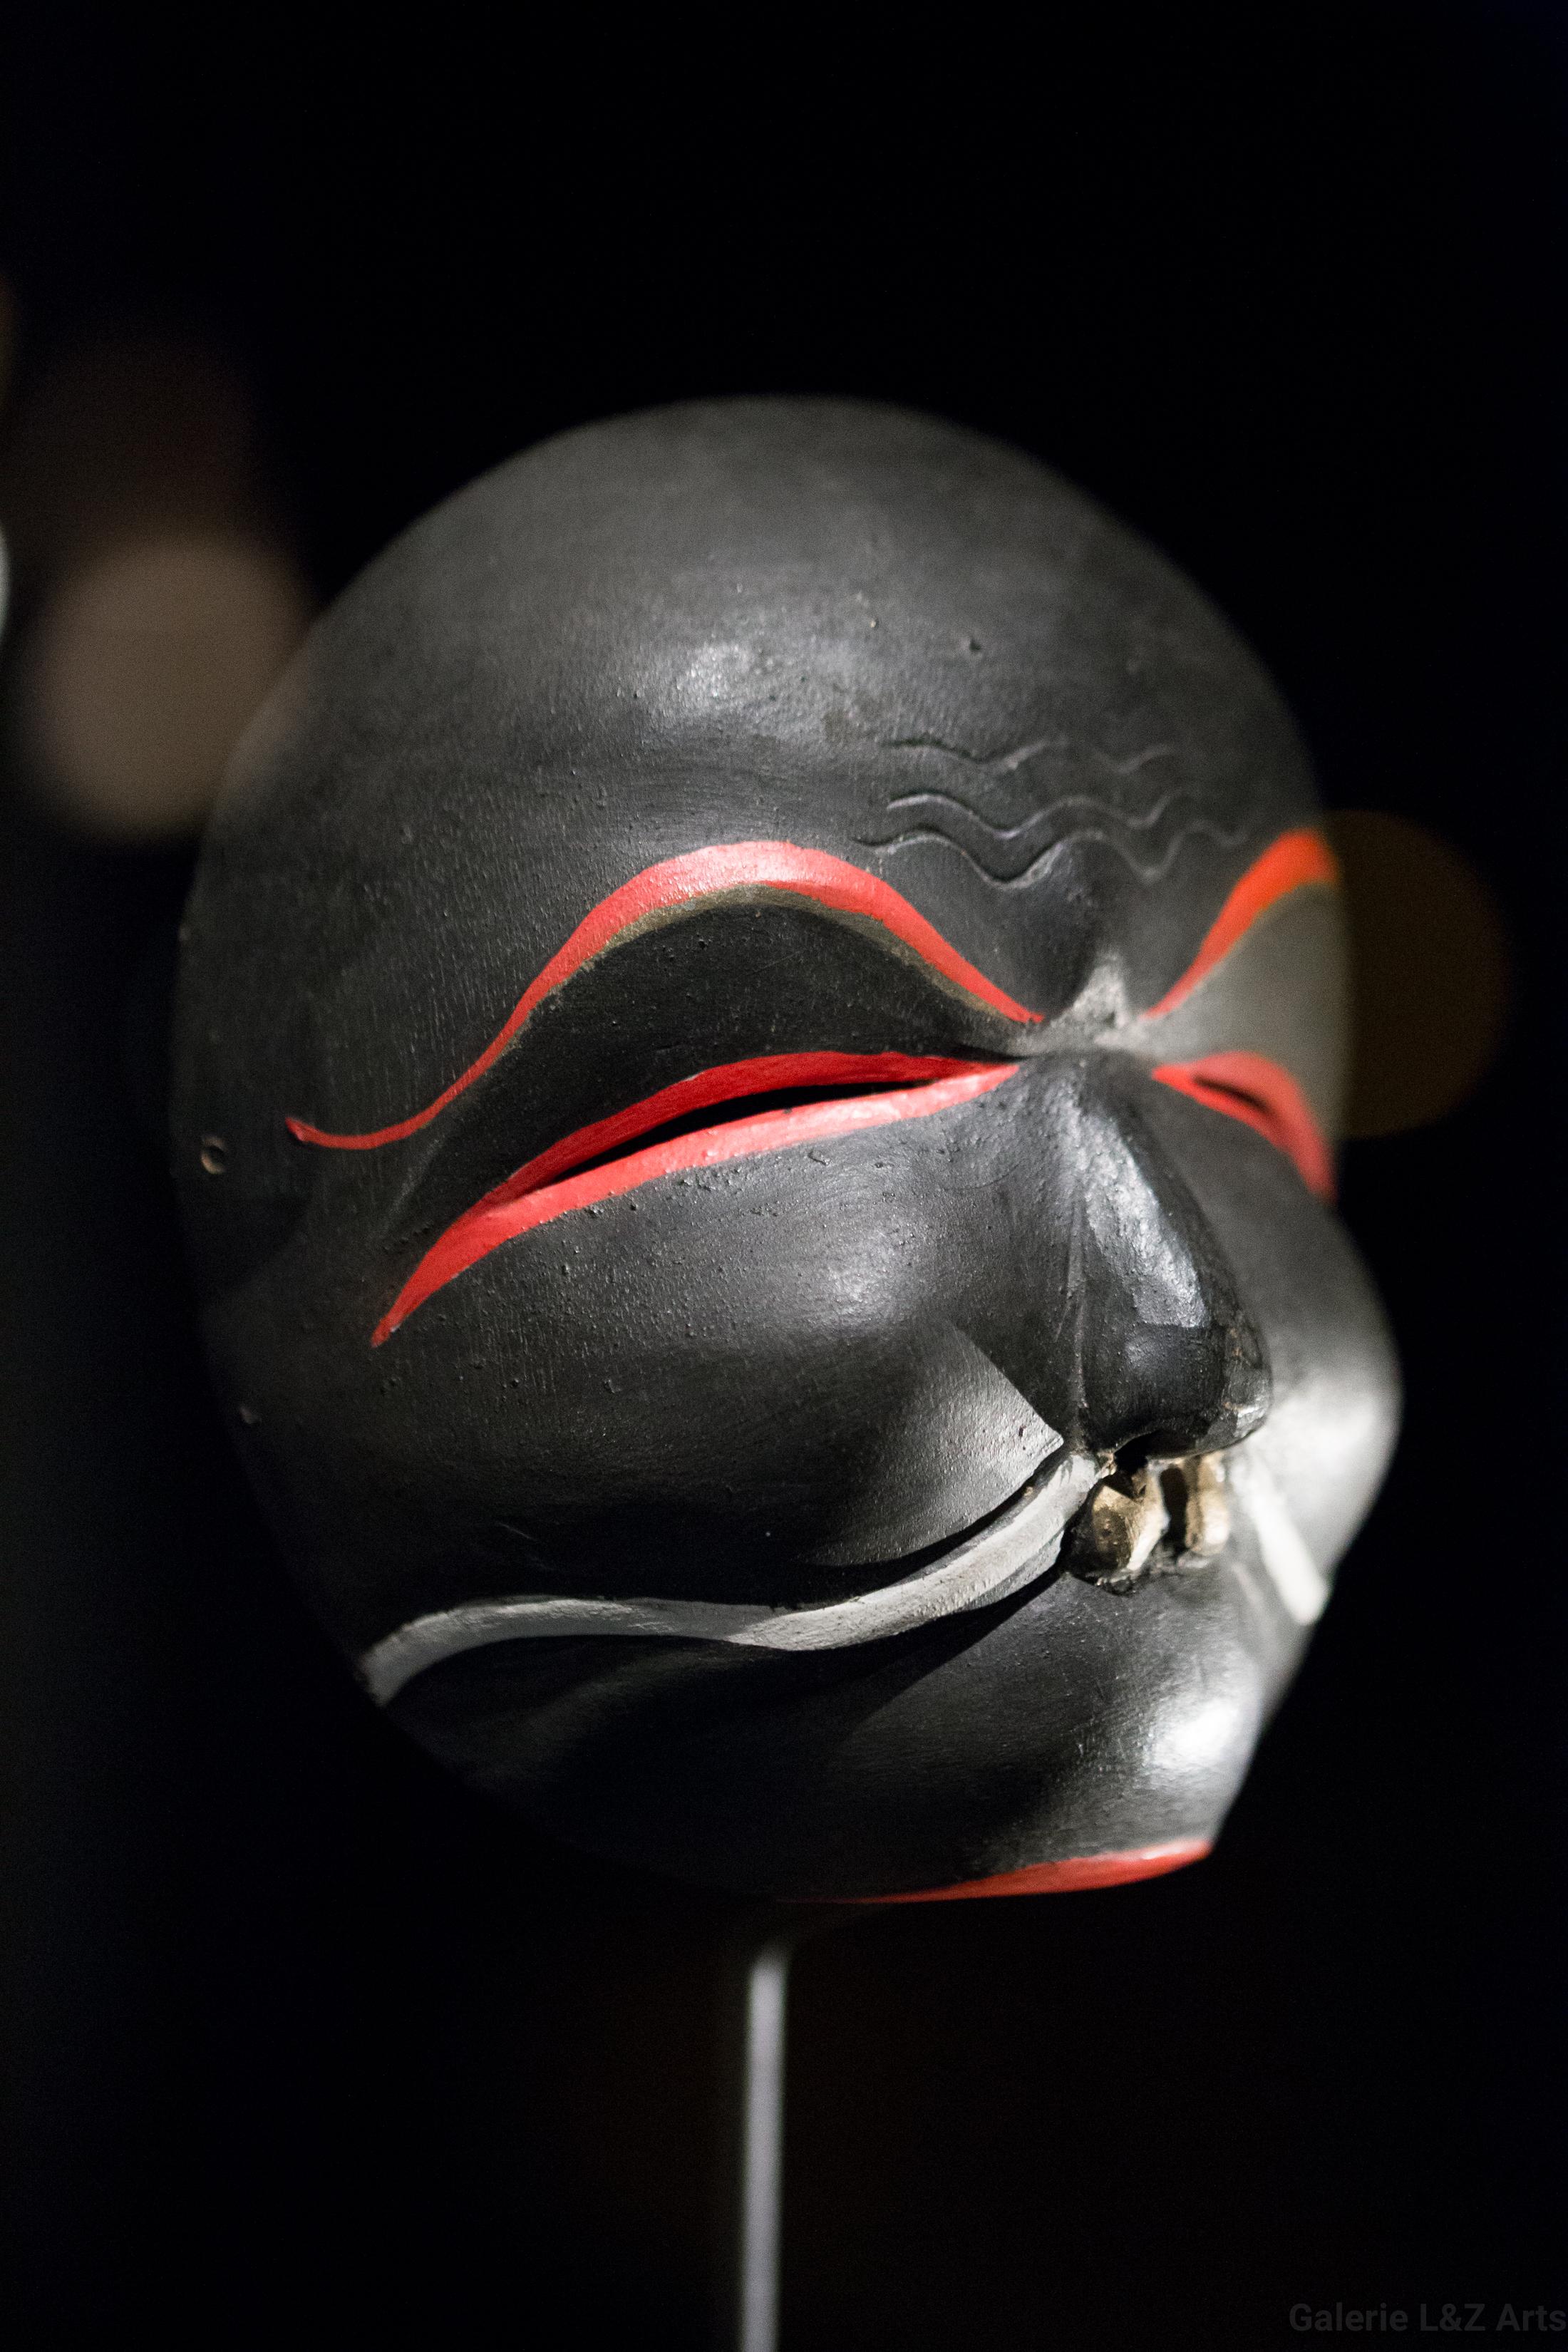 exposition-masque-art-tribal-africain-musee-quai-branly-belgique-galerie-lz-arts-liege-cite-miroir-oceanie-asie-japon-amerique-art-premier-nepal-19.jpg